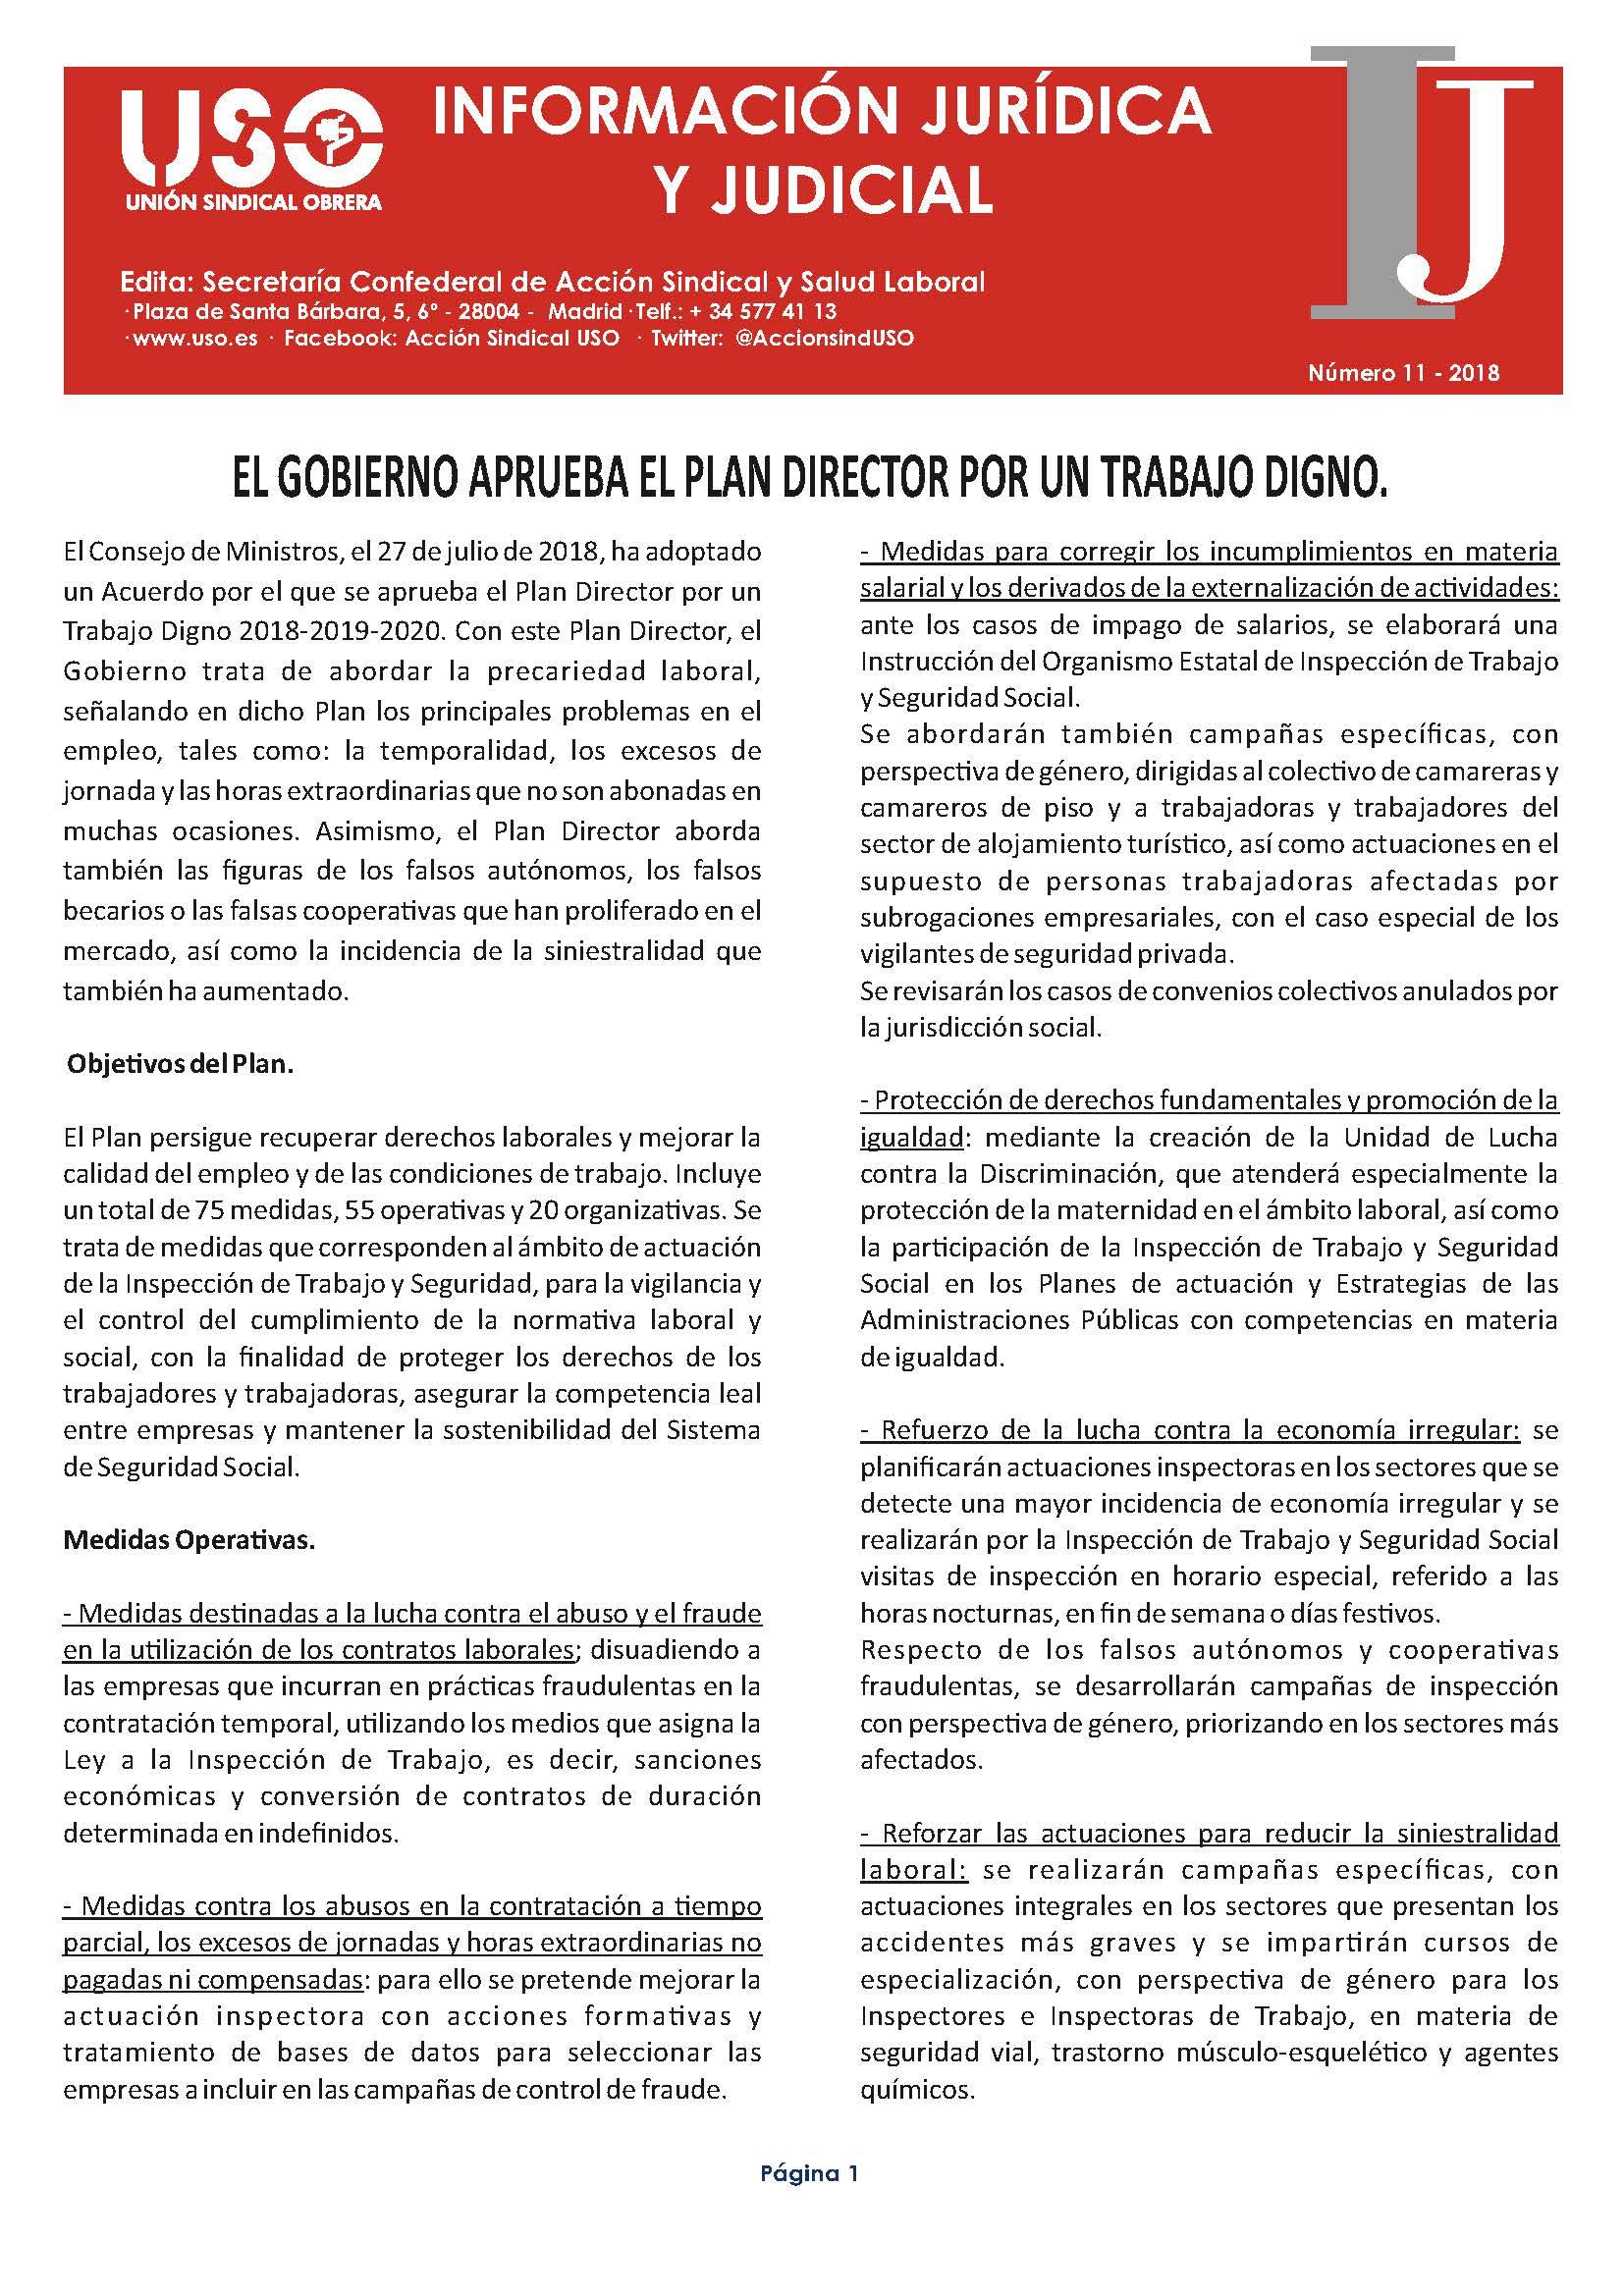 Información Jurídica y Judicial nº 11